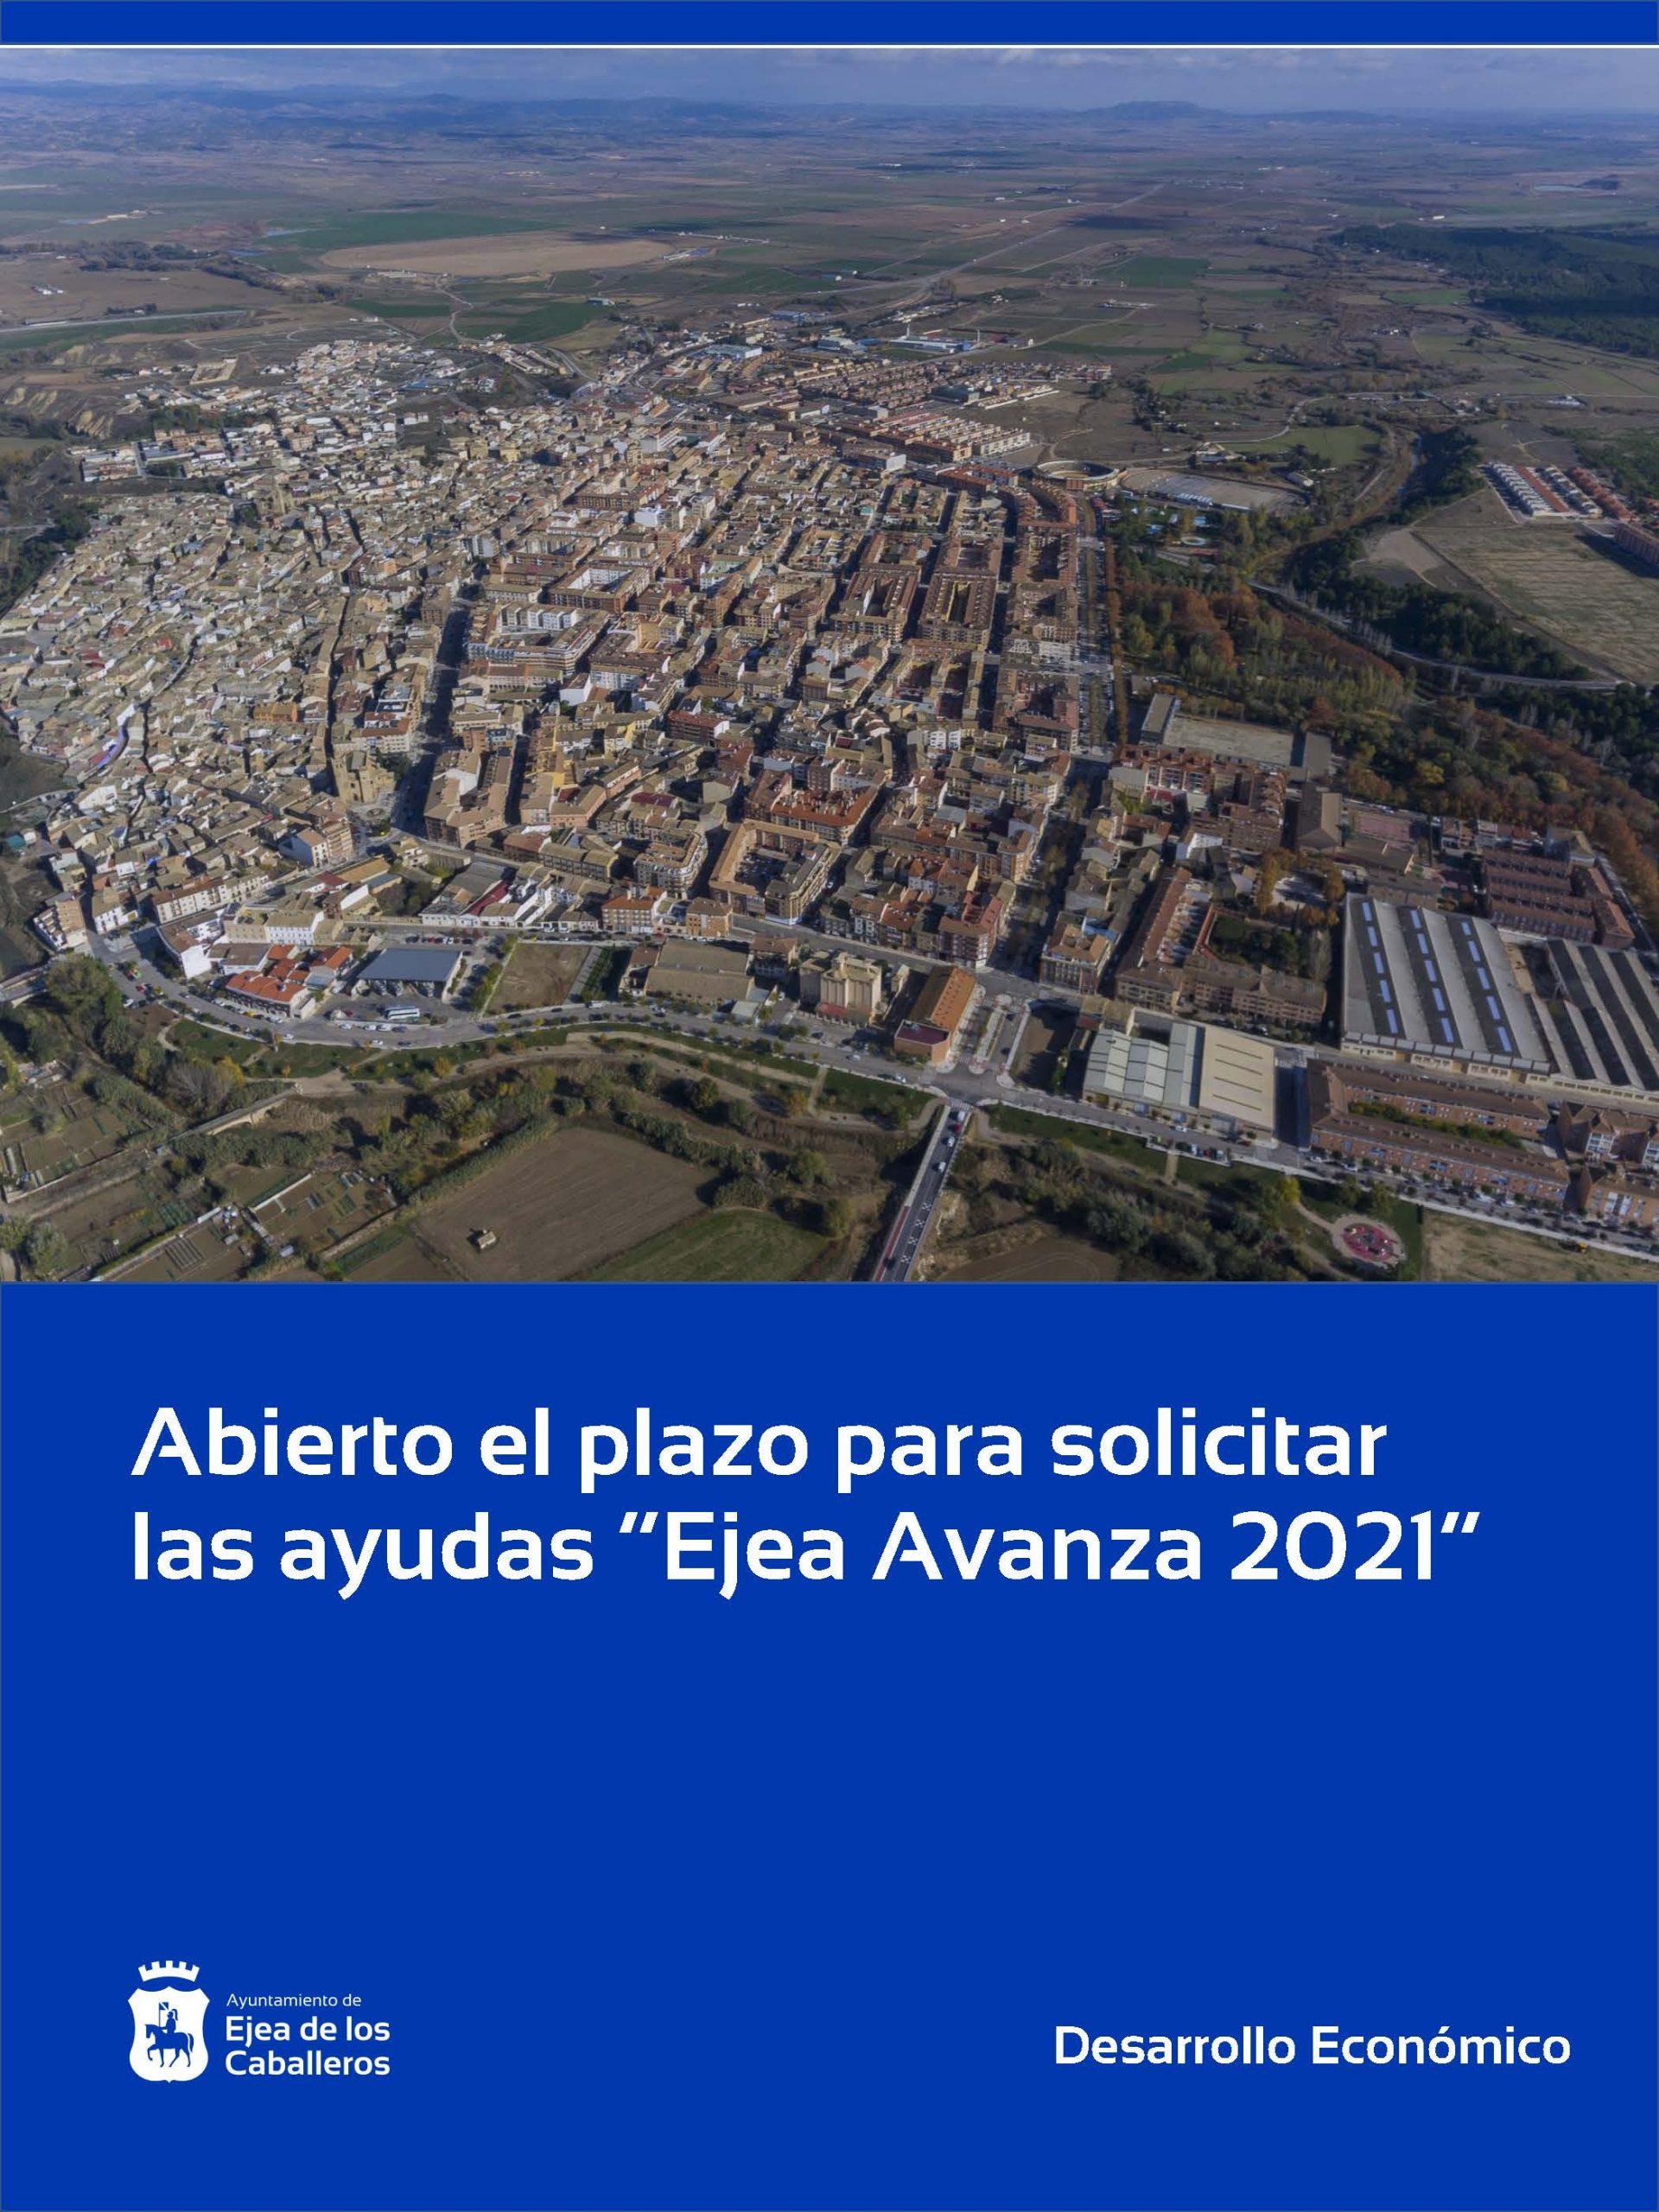 """Las ayudas """"Ejea Avanza 2021"""" ya se pueden solicitar hasta el 26 de abril"""